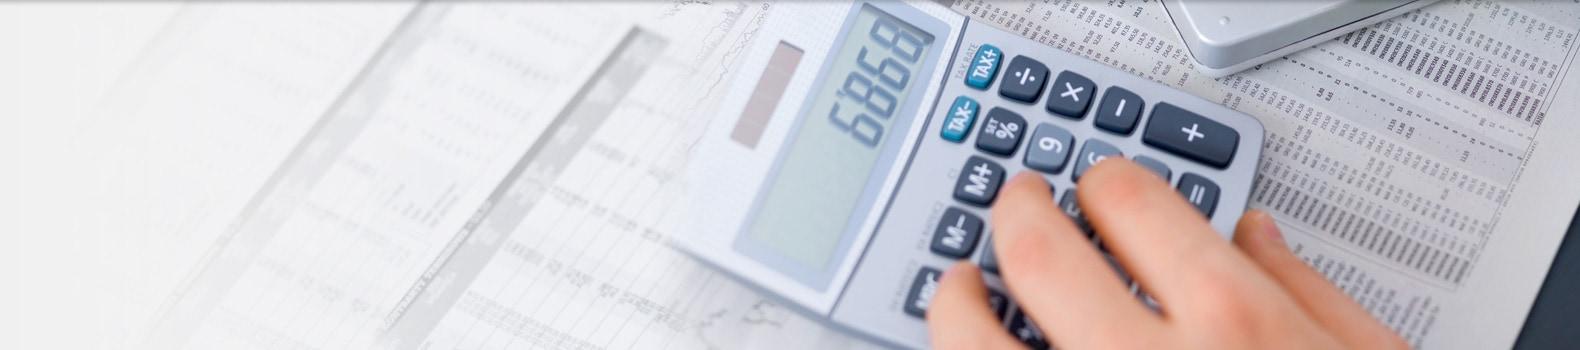 个人房地产抵押贷款还款计算器